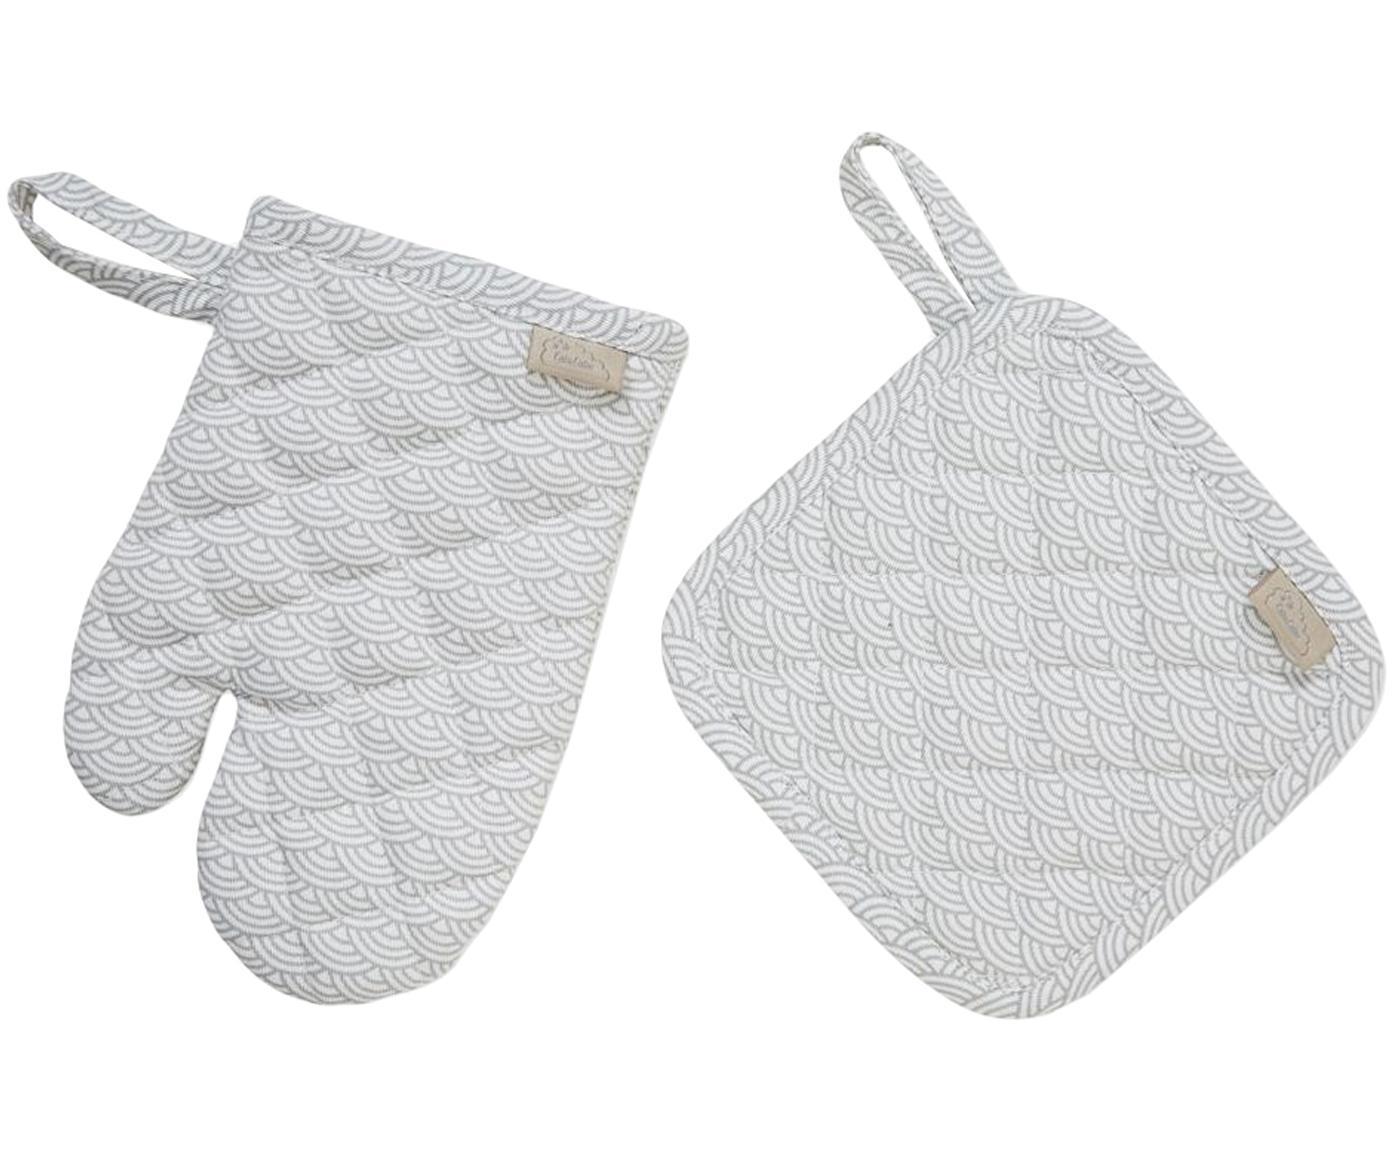 Set de manoplas de cocina de algodón ecológico Cook, 2pzas., Exterior: algodón ecológico, certif, Gris, blanco, An 16 x L 16 cm